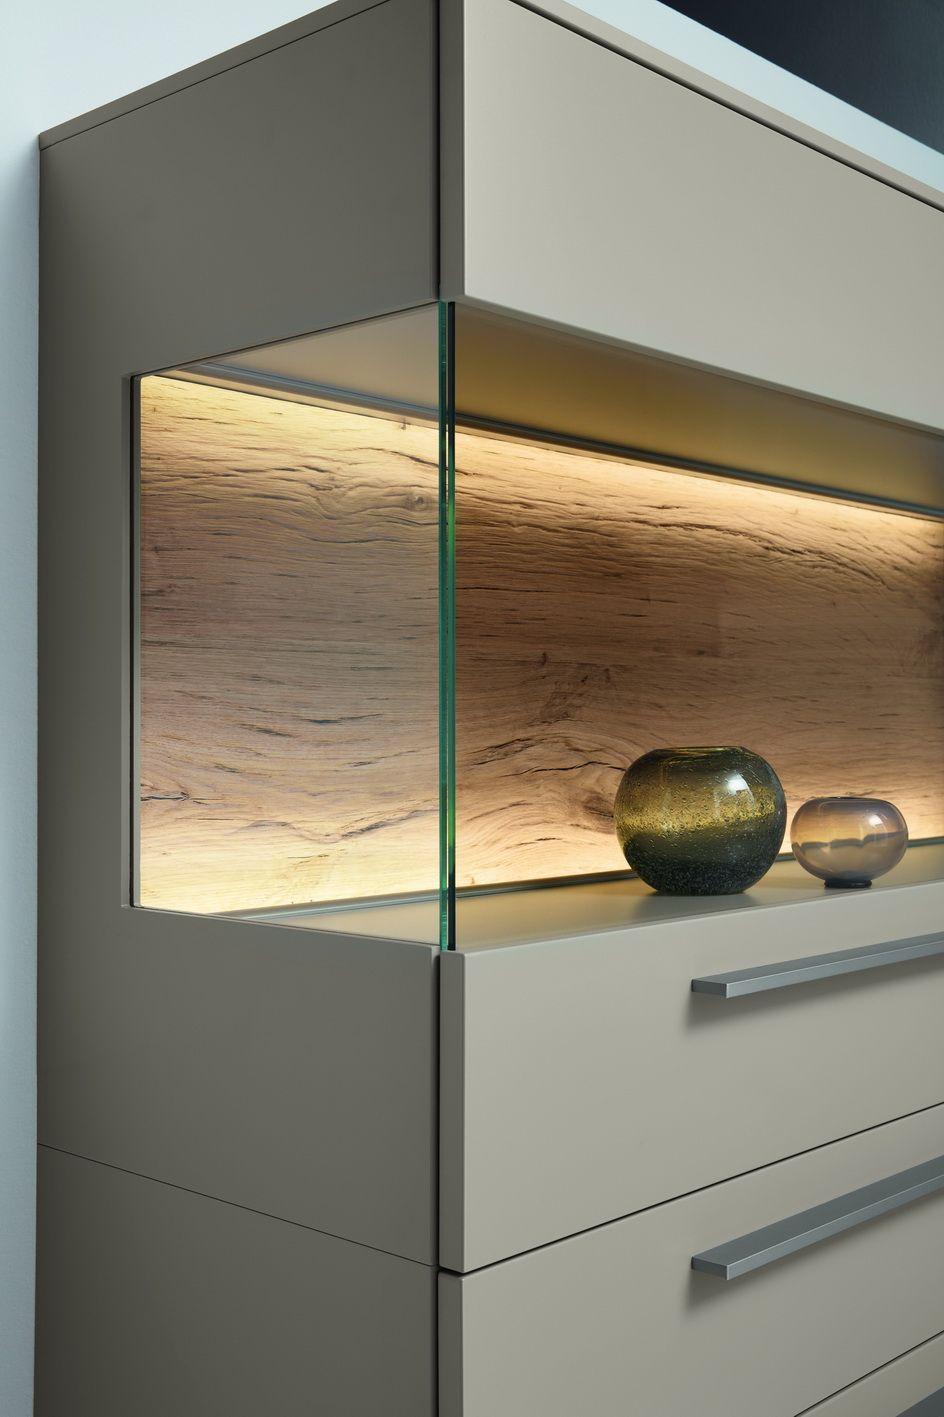 mbel madeingermany furniture gwinner wohndesign design wohnzimmer livingroom - Designwohnzimmer